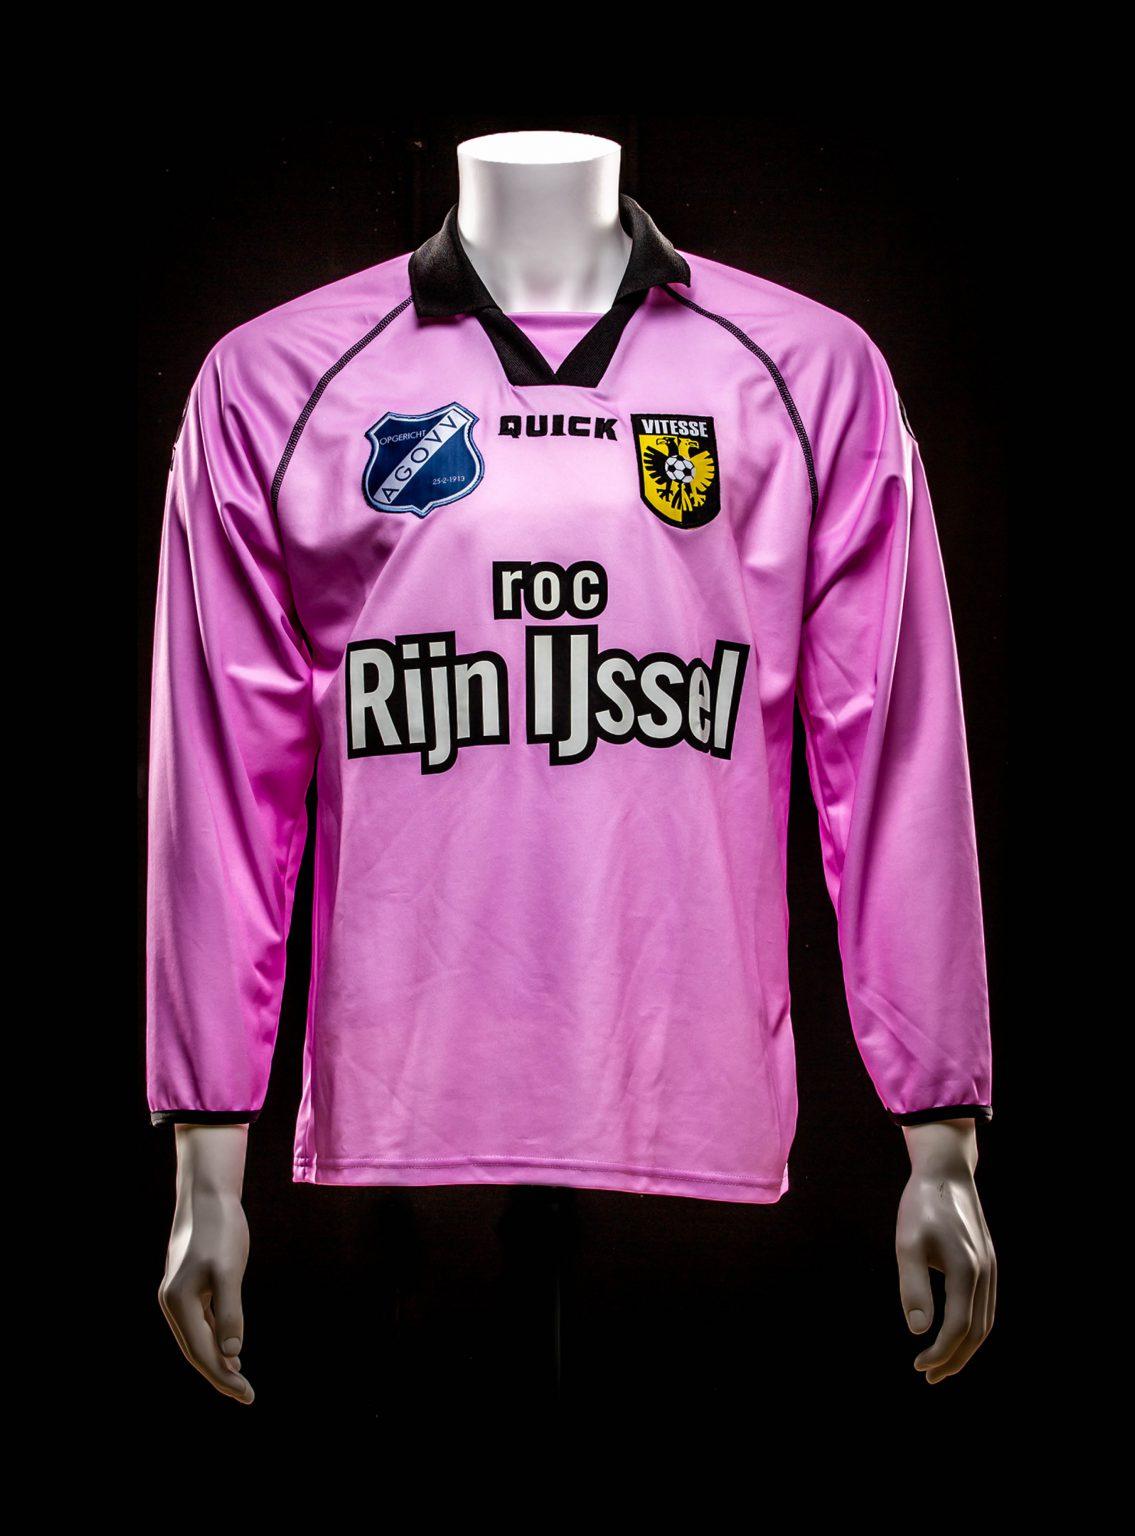 #1 Jeugd Vitesse 2005-2006